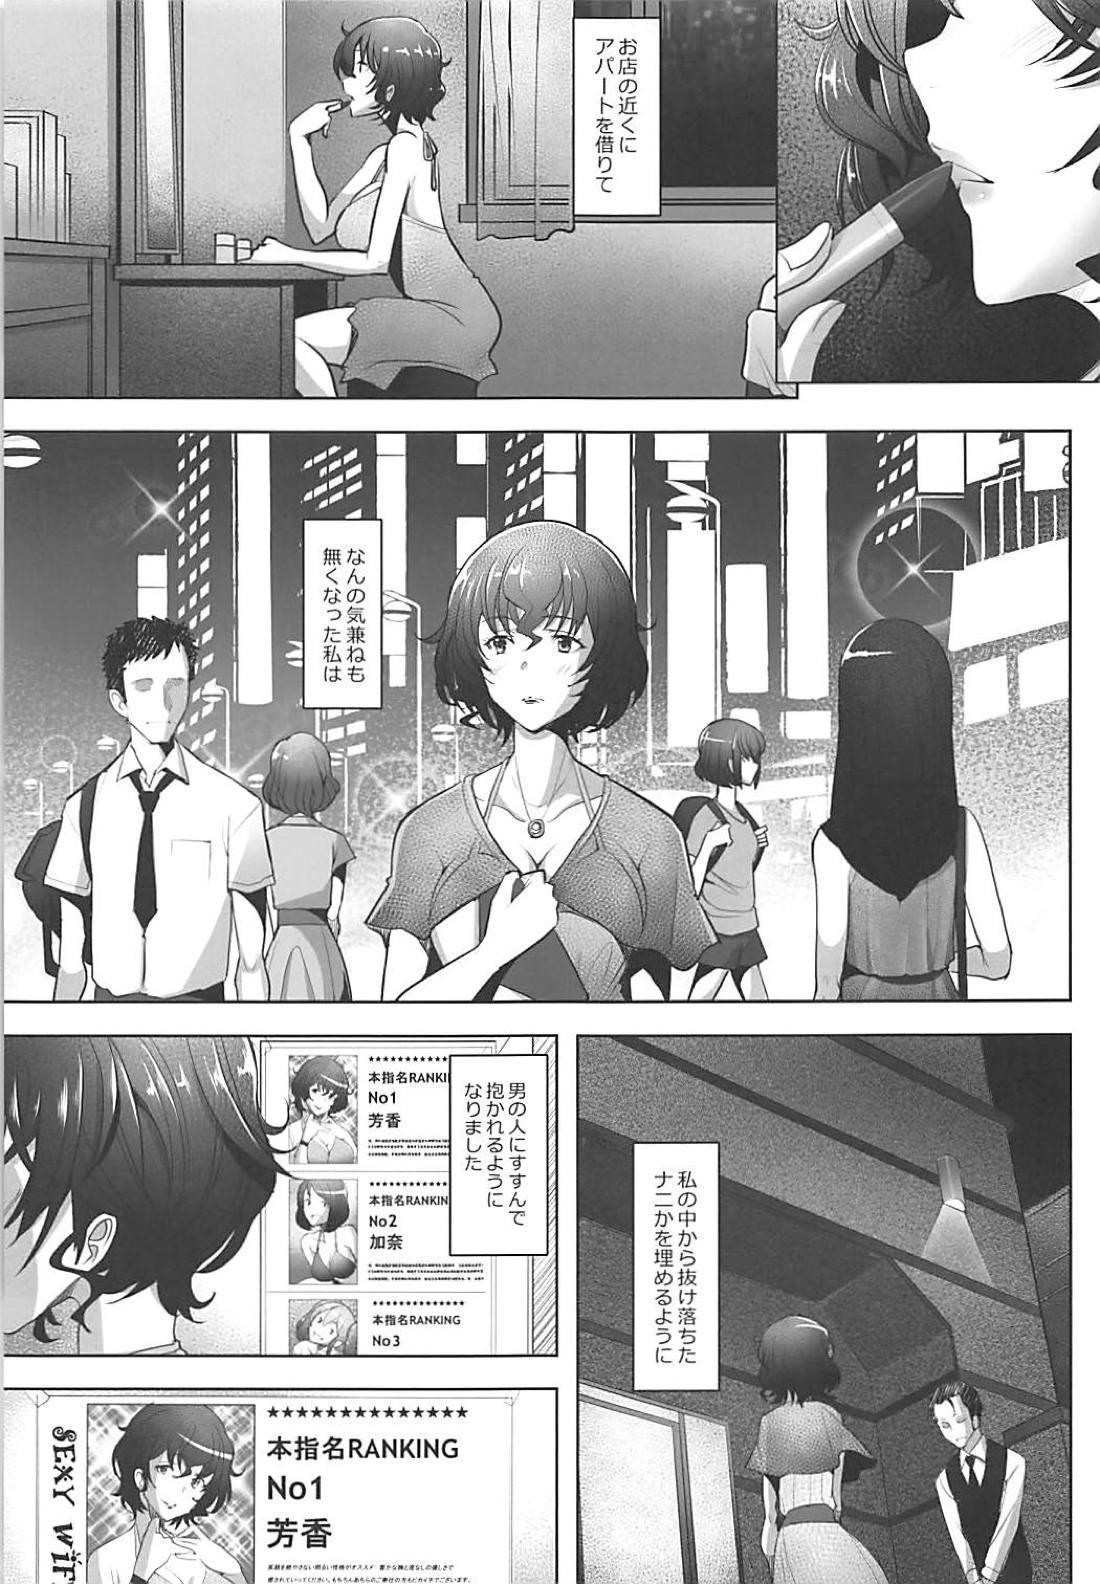 Rihatsuten no Bijin Hitozuma Soap-jou ga Deaikei Baishun ni mo Te o Dashita Ken 3